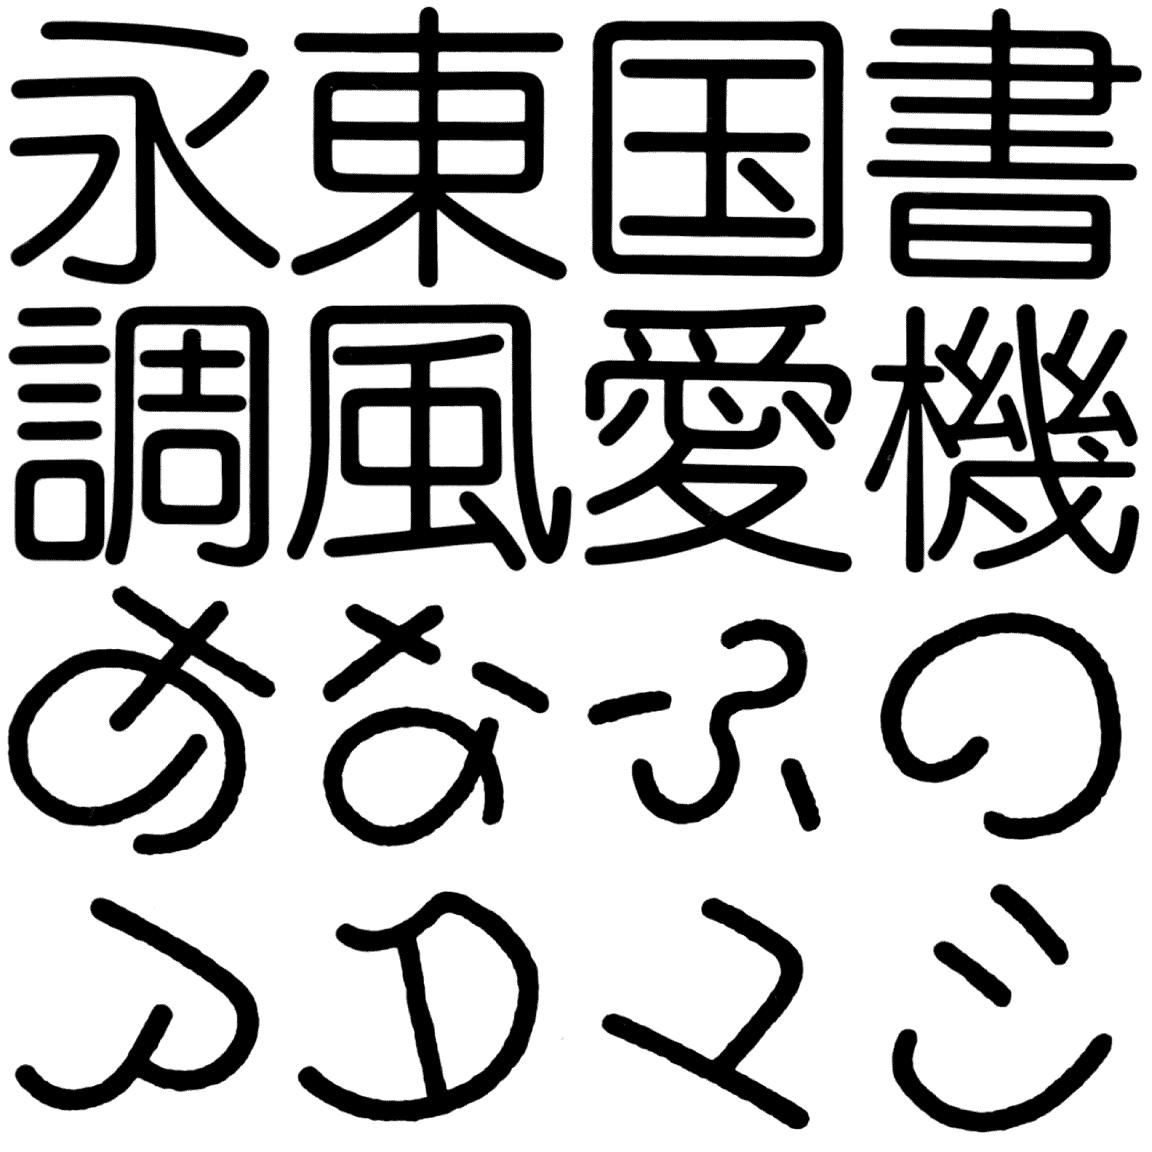 ノリール M MNLR 字形見本